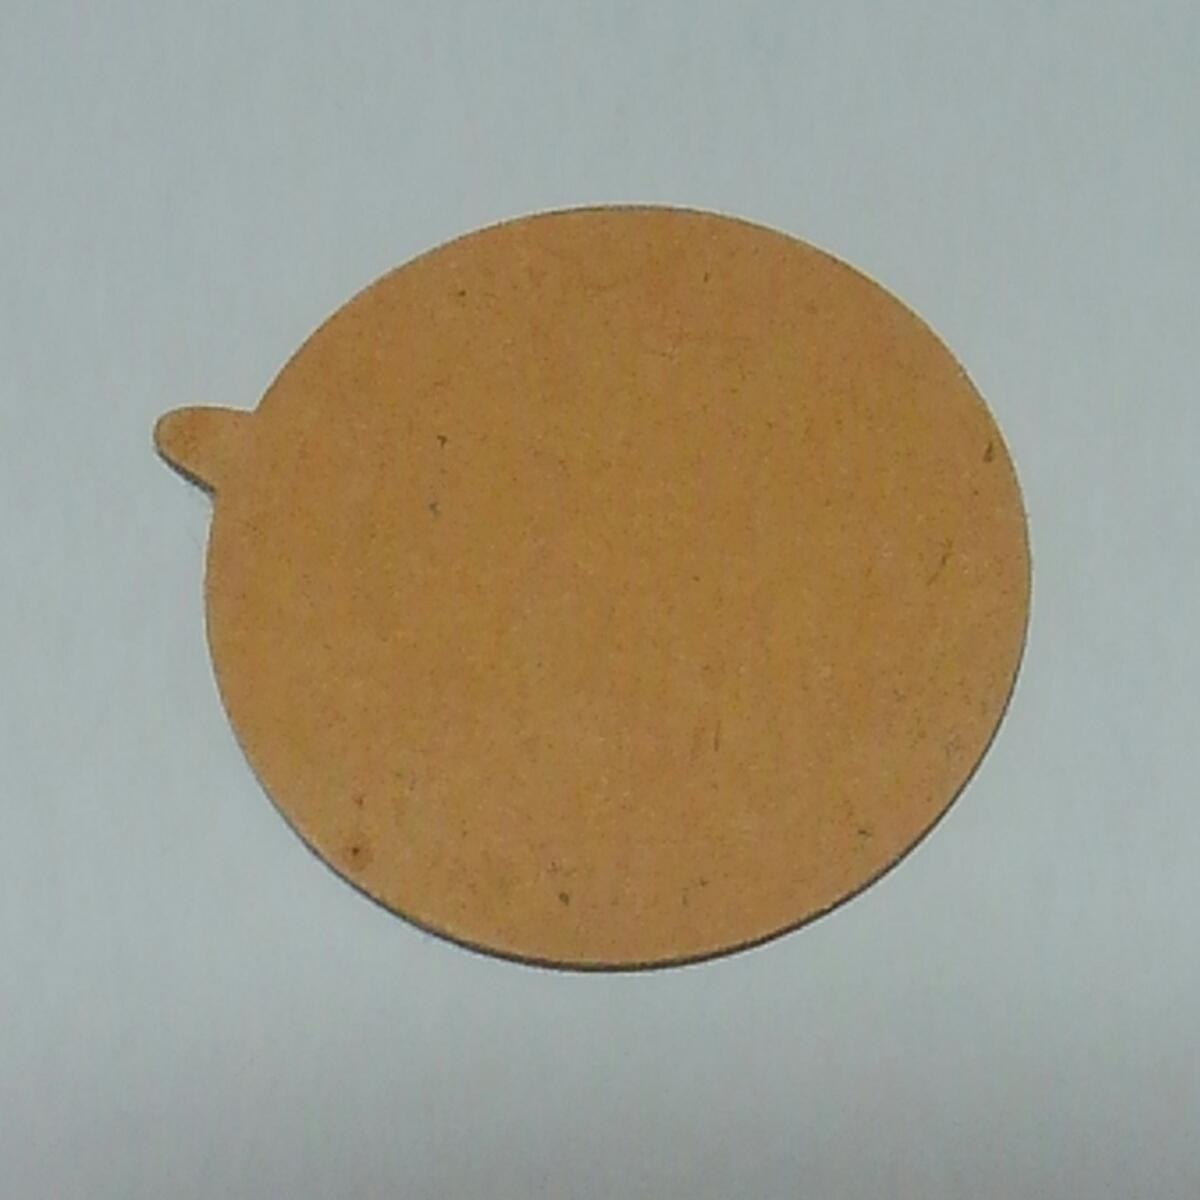 【牛乳キャップ】【レア】40年以上前 マーグット 未使用 長野県/(有)松田乳業_画像2